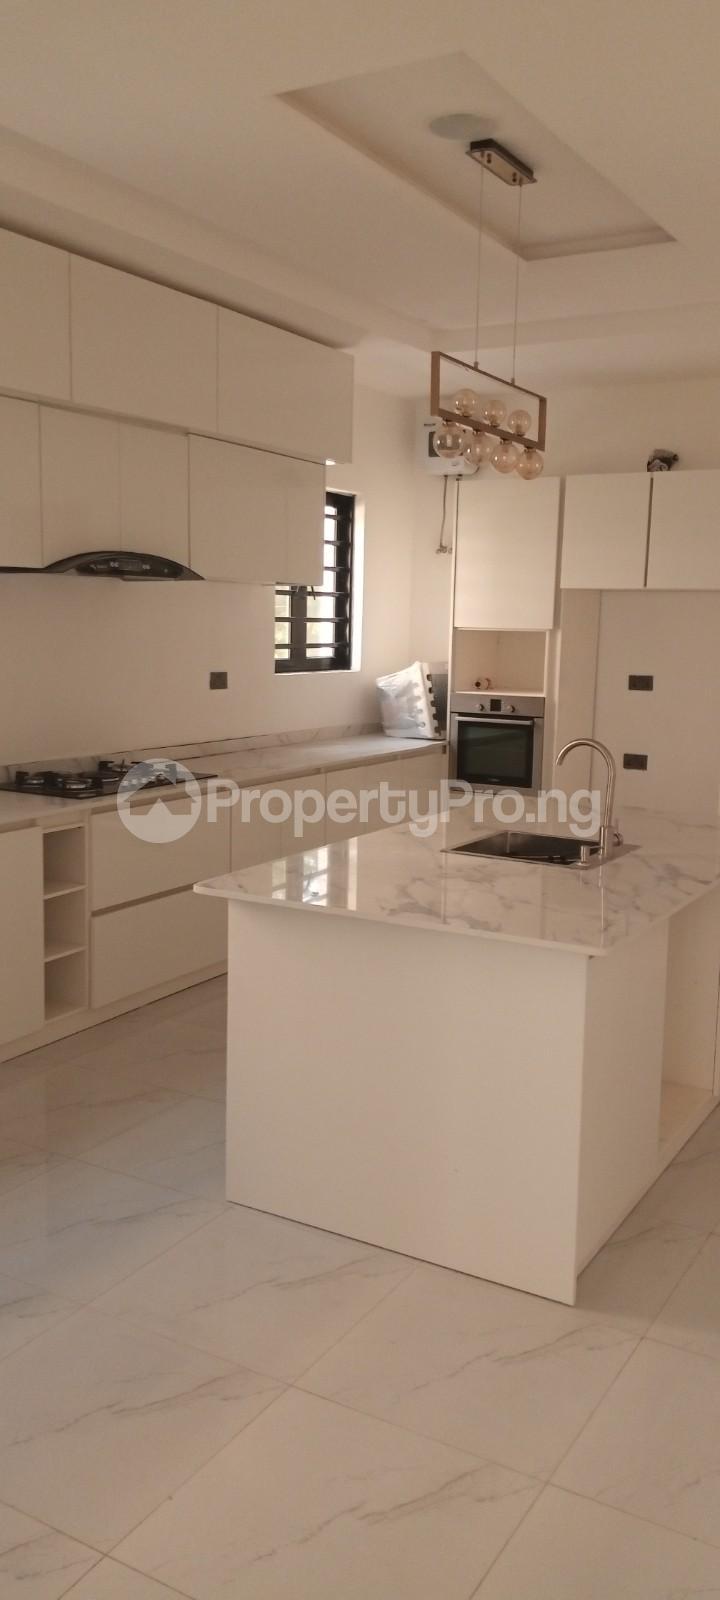 5 bedroom Detached Duplex for sale Megamound Estate, Lekki County Homes, Ikota Lekki Lagos - 9